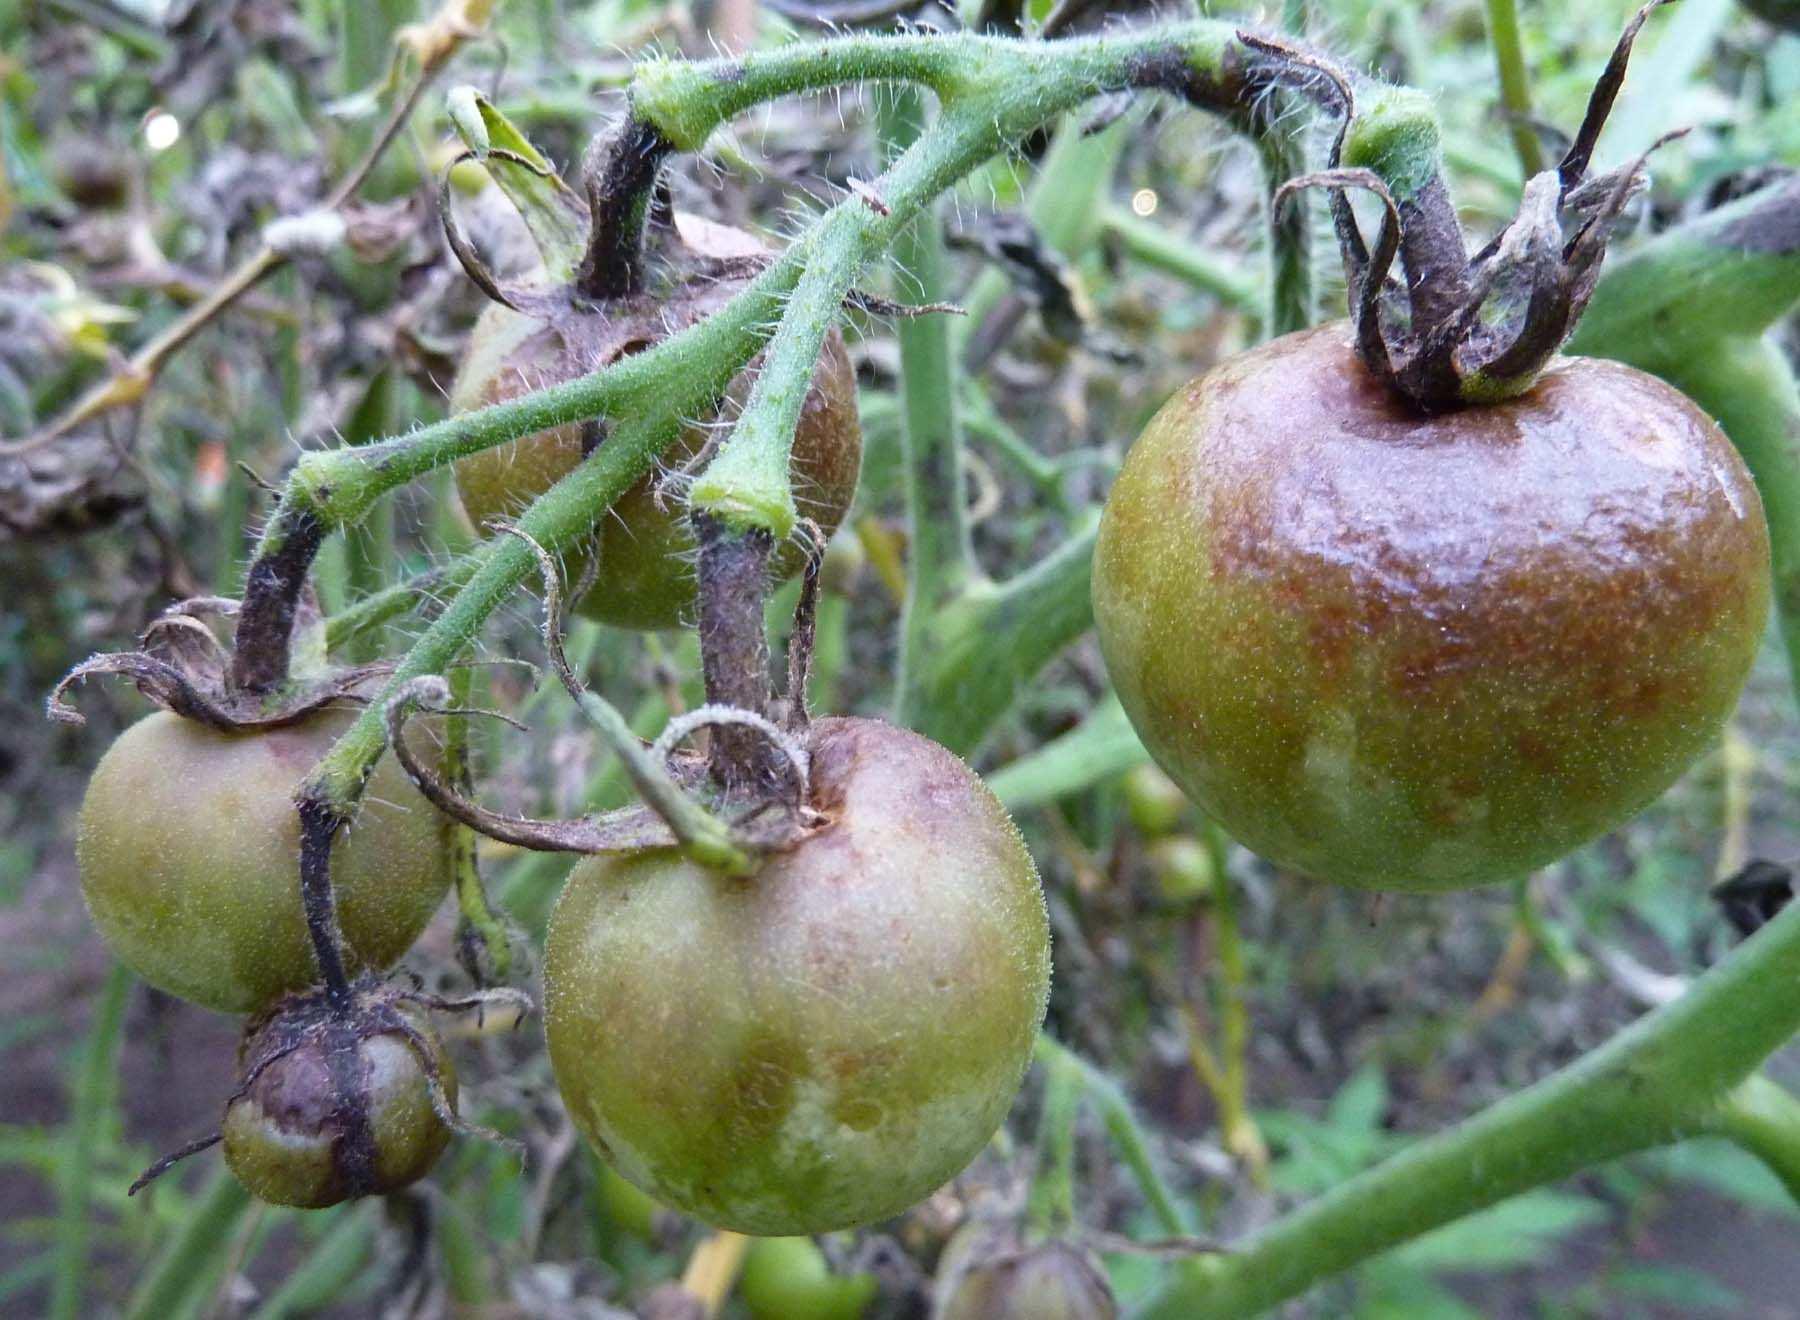 Говоря простым языком, фитофтороз активирует процесс гниения живых растений